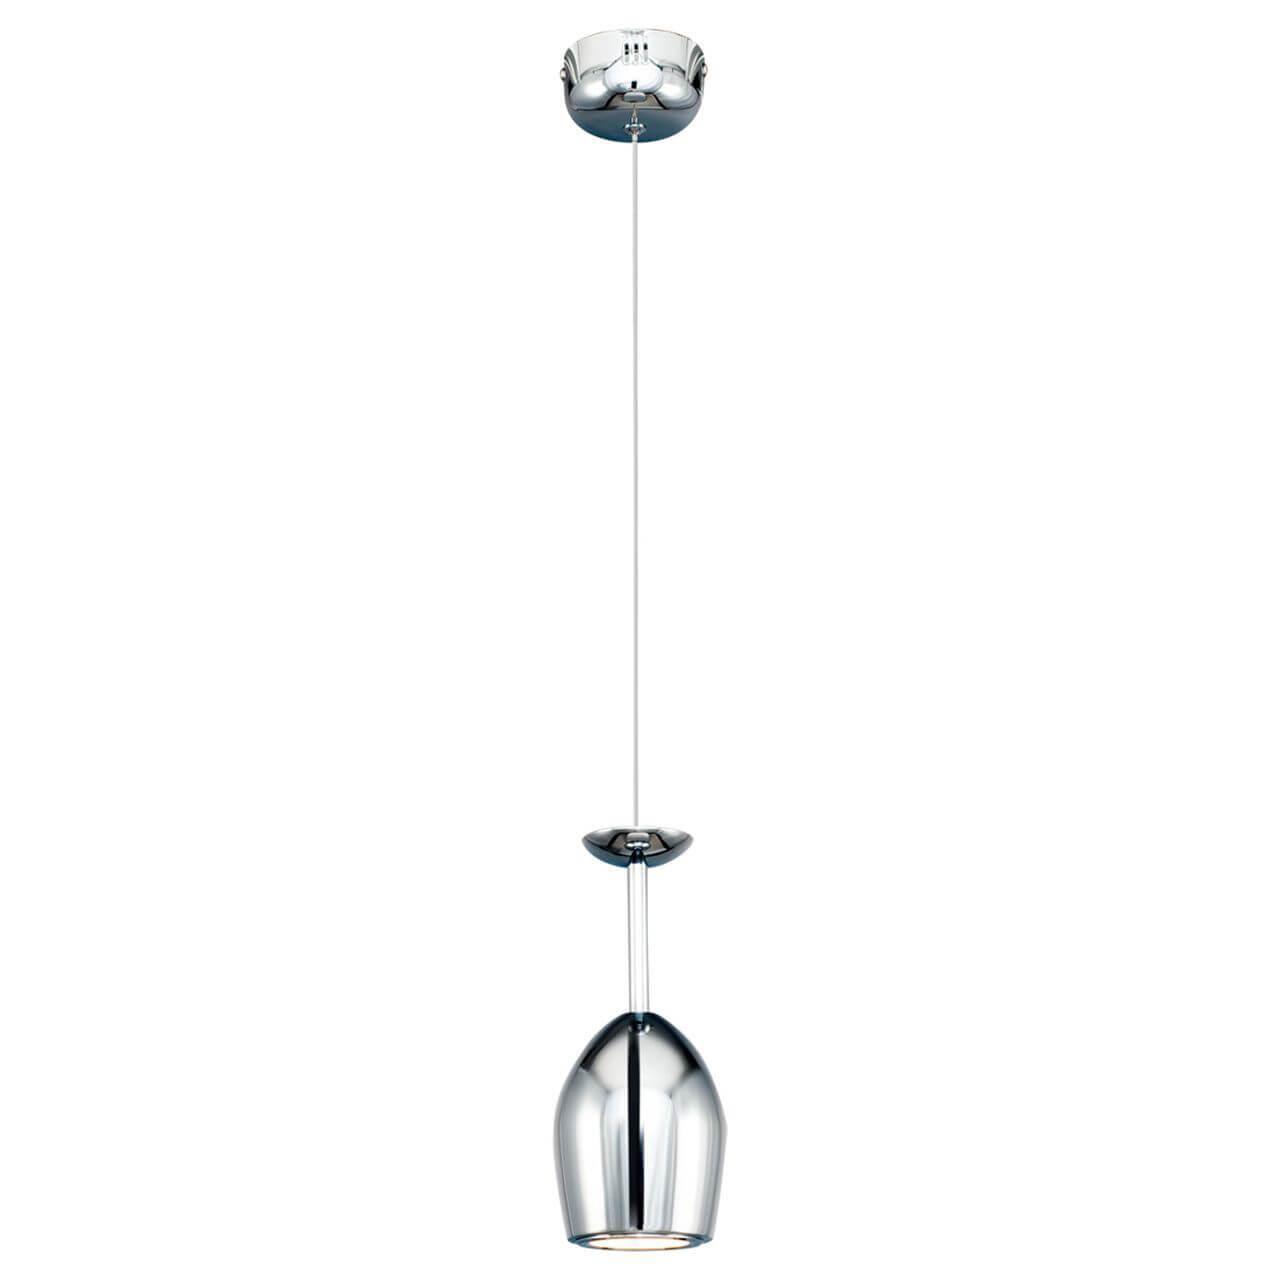 Подвесной светодиодный светильник Spot Light Merlot 1194128 светильник подвесной spot light meg 1127102